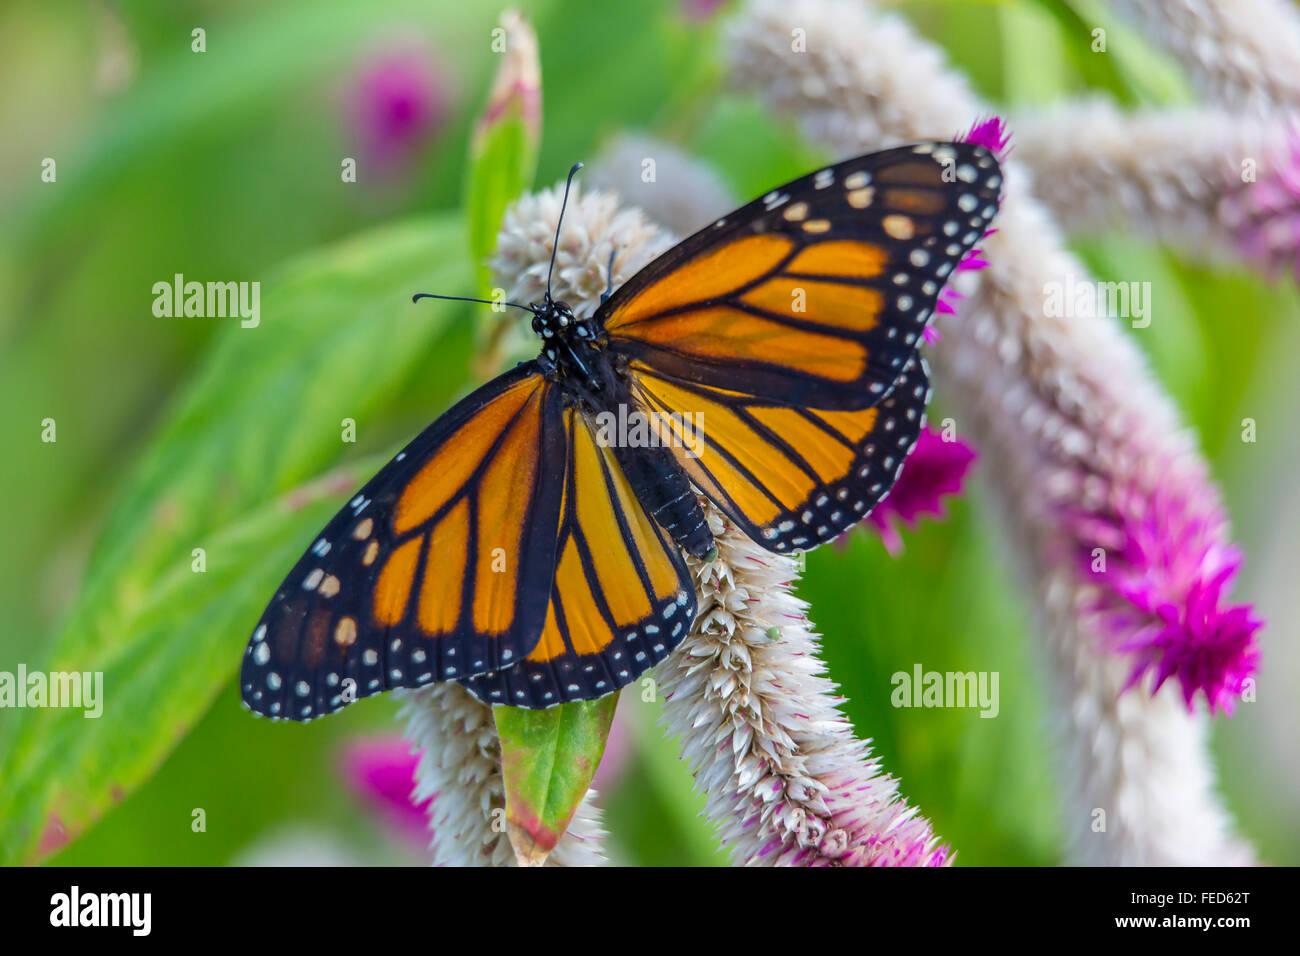 Primo piano della farfalla monarca Danaus plexippus su un fiore al Butterfly Estates in Fort Myers Florida Immagini Stock